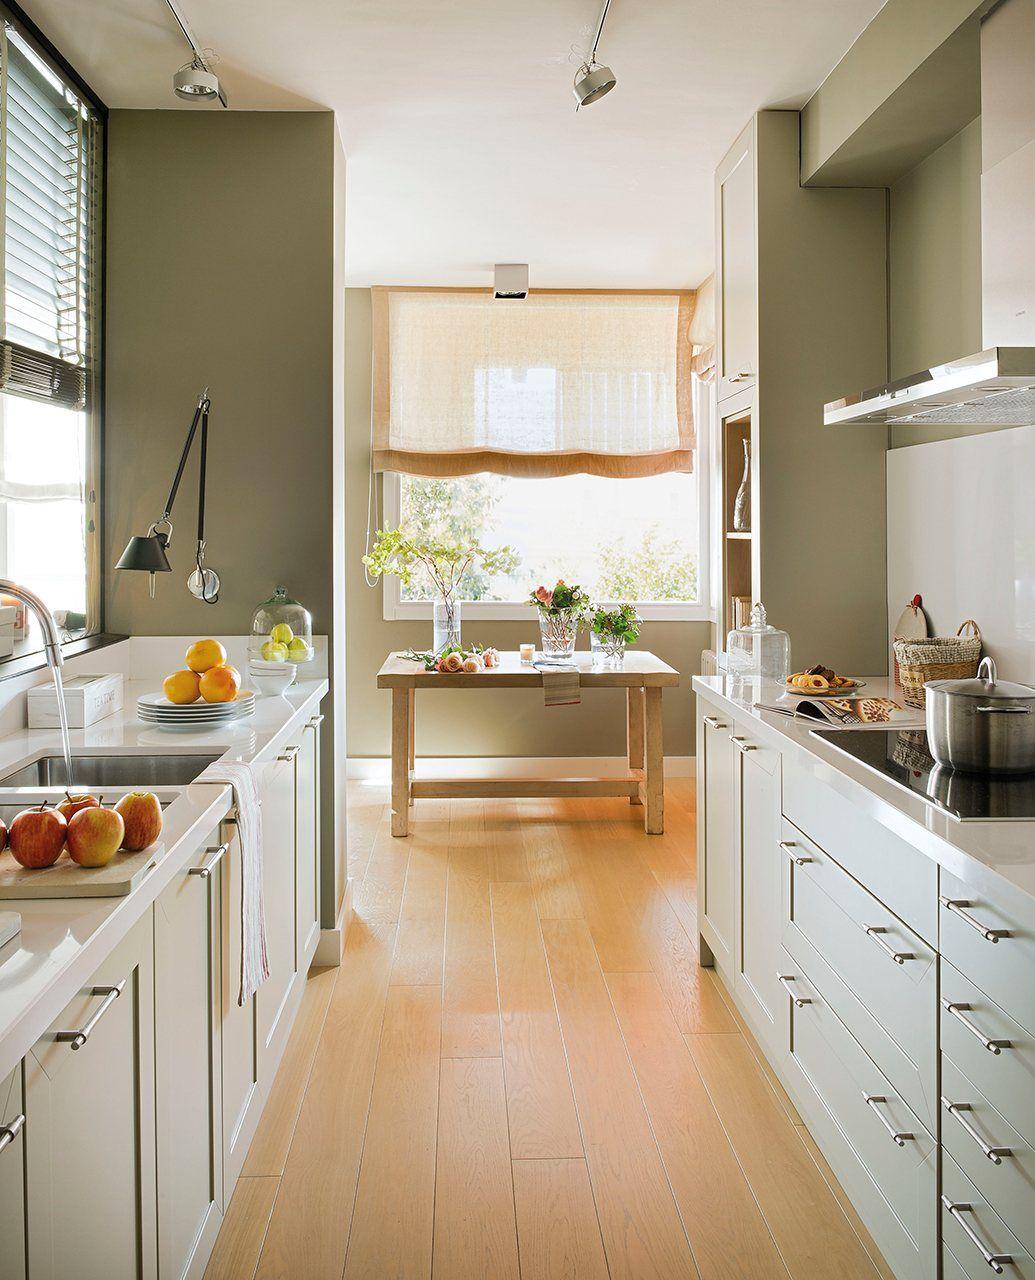 20 claves para iluminar bien tu cocina | DECORACION ... - photo#8